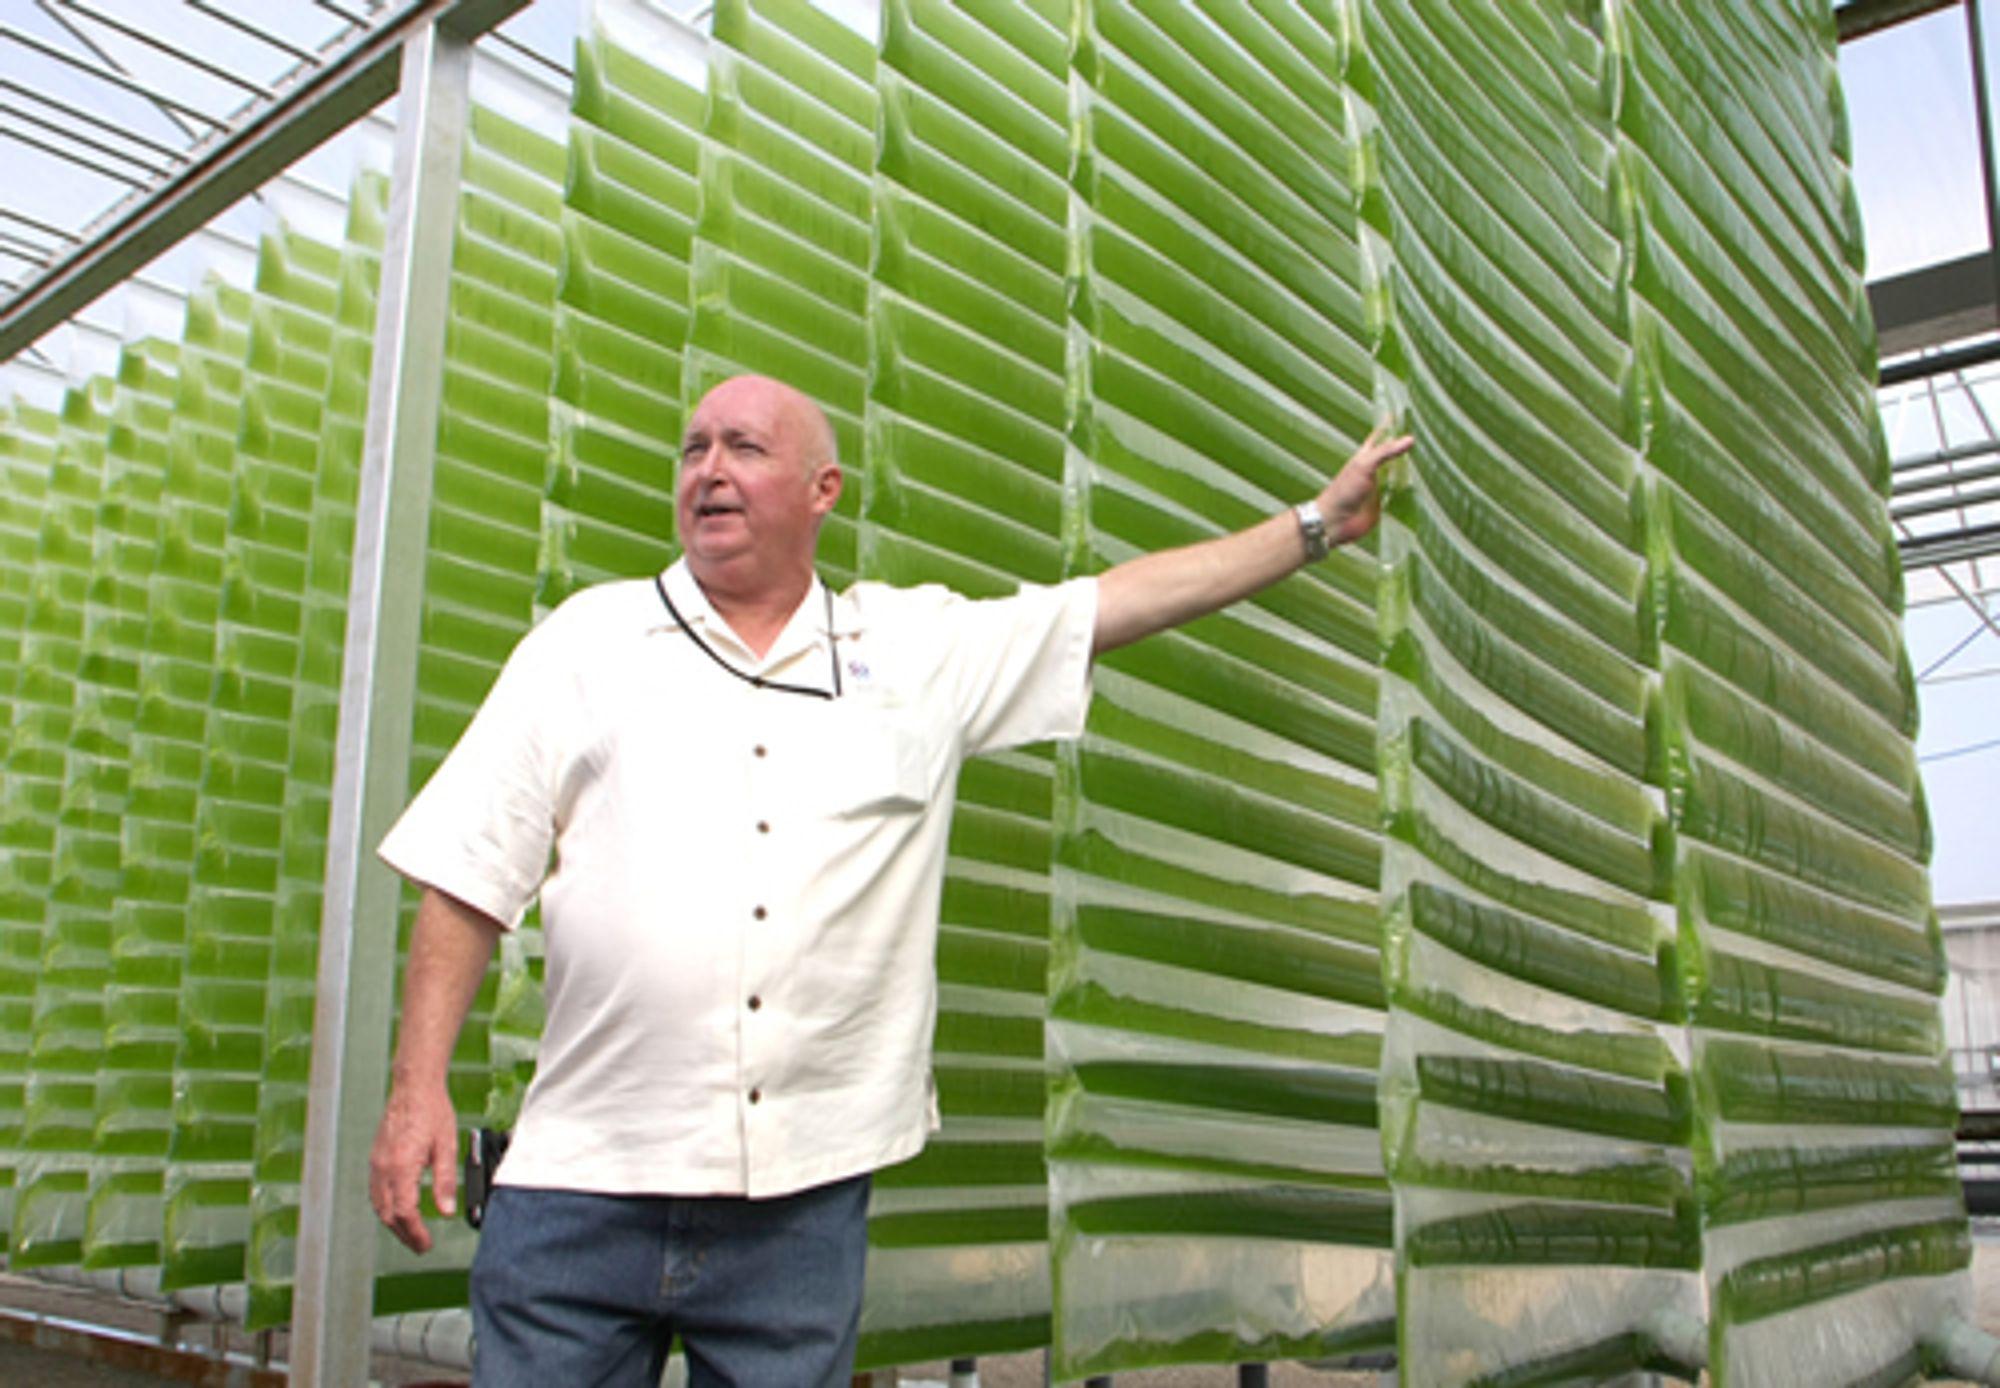 LUKKET SYSTEM 1: Alge-gründer og direktør Glenn Kertz i selskapet Valcent viser fram algefylte bioreaktorer ved selskapets forsknings- og produksjonssted i El Paso, Texas.